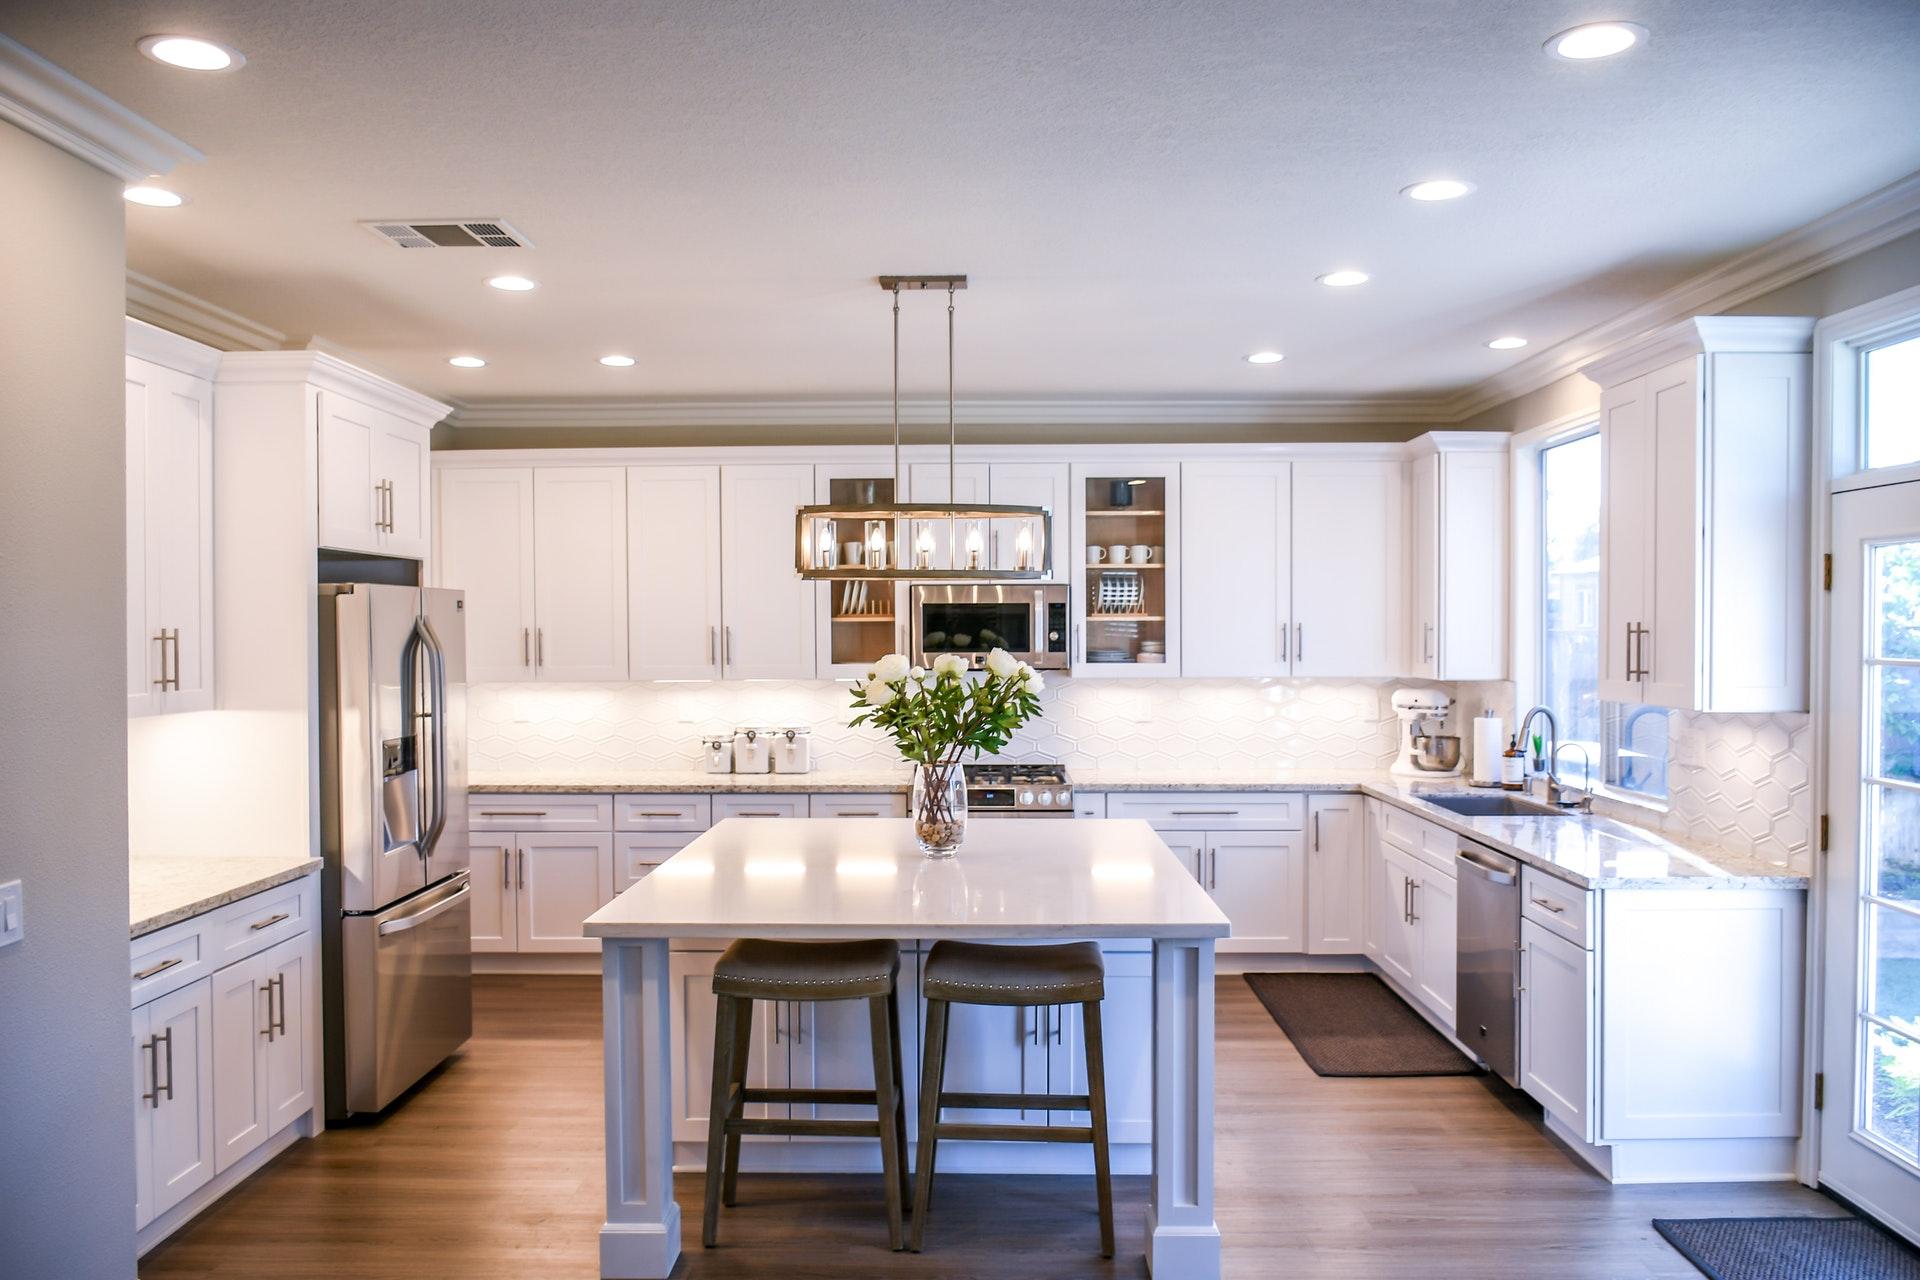 fehér konyha középen étkezőszigettel, világos, fényes